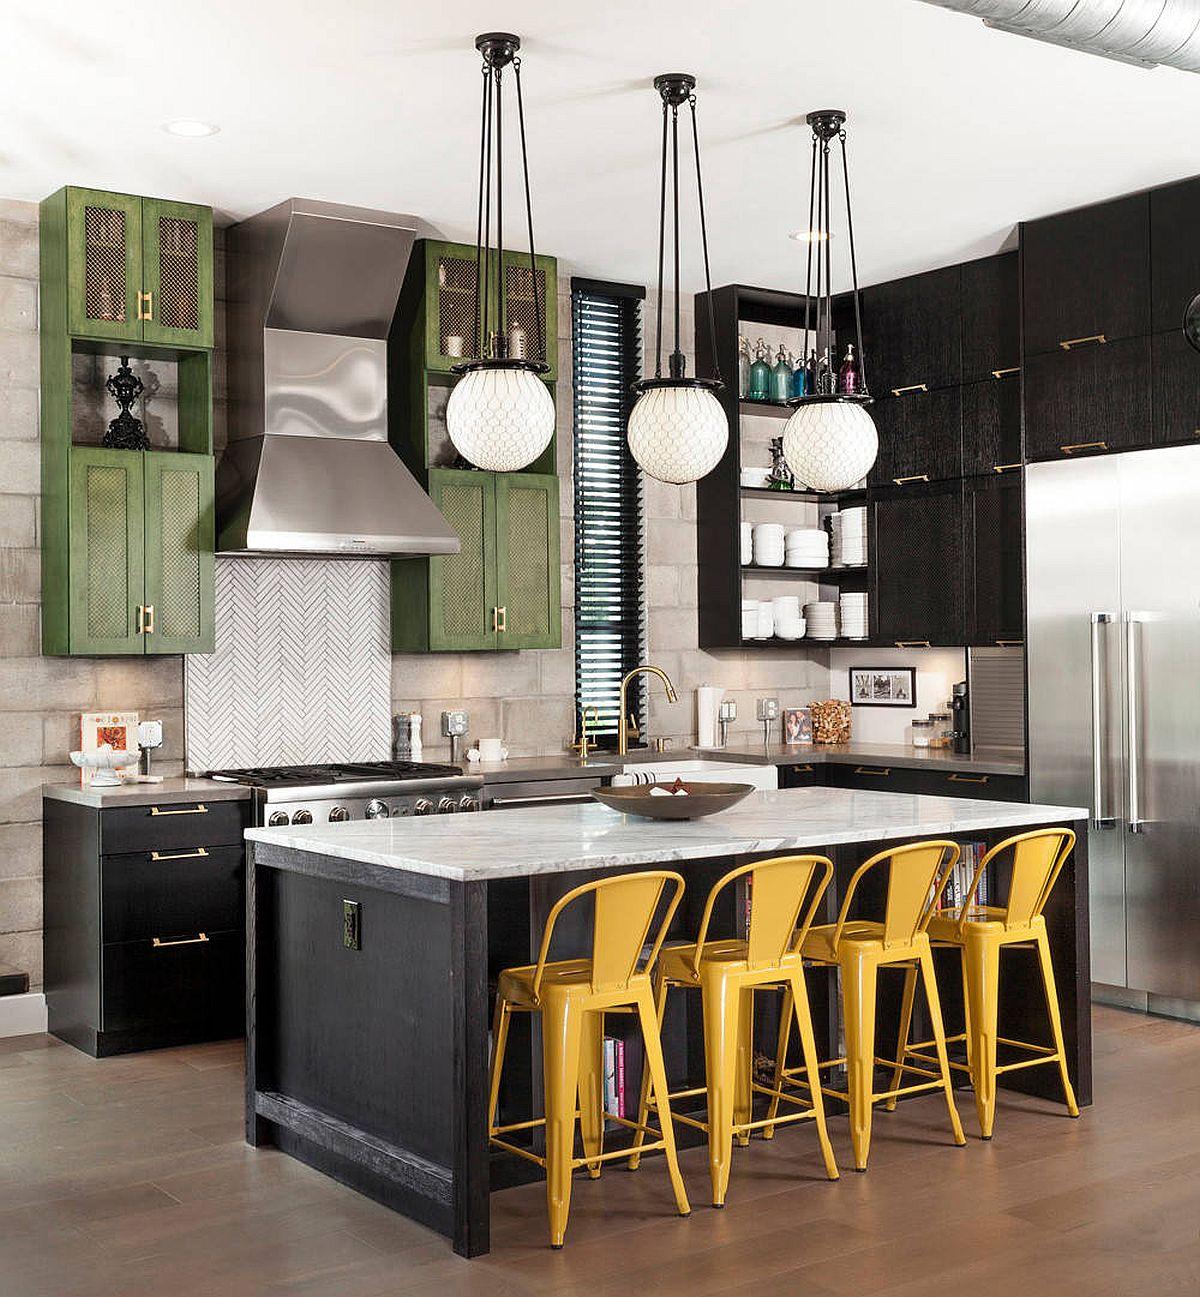 Những chiếc ghế với tone màu vàng mù tạt giúp khu vực quầy bar trở nên nổi bật hơn trong phòng bếp mang phong cách kiểu trang trại công nghiệp này.